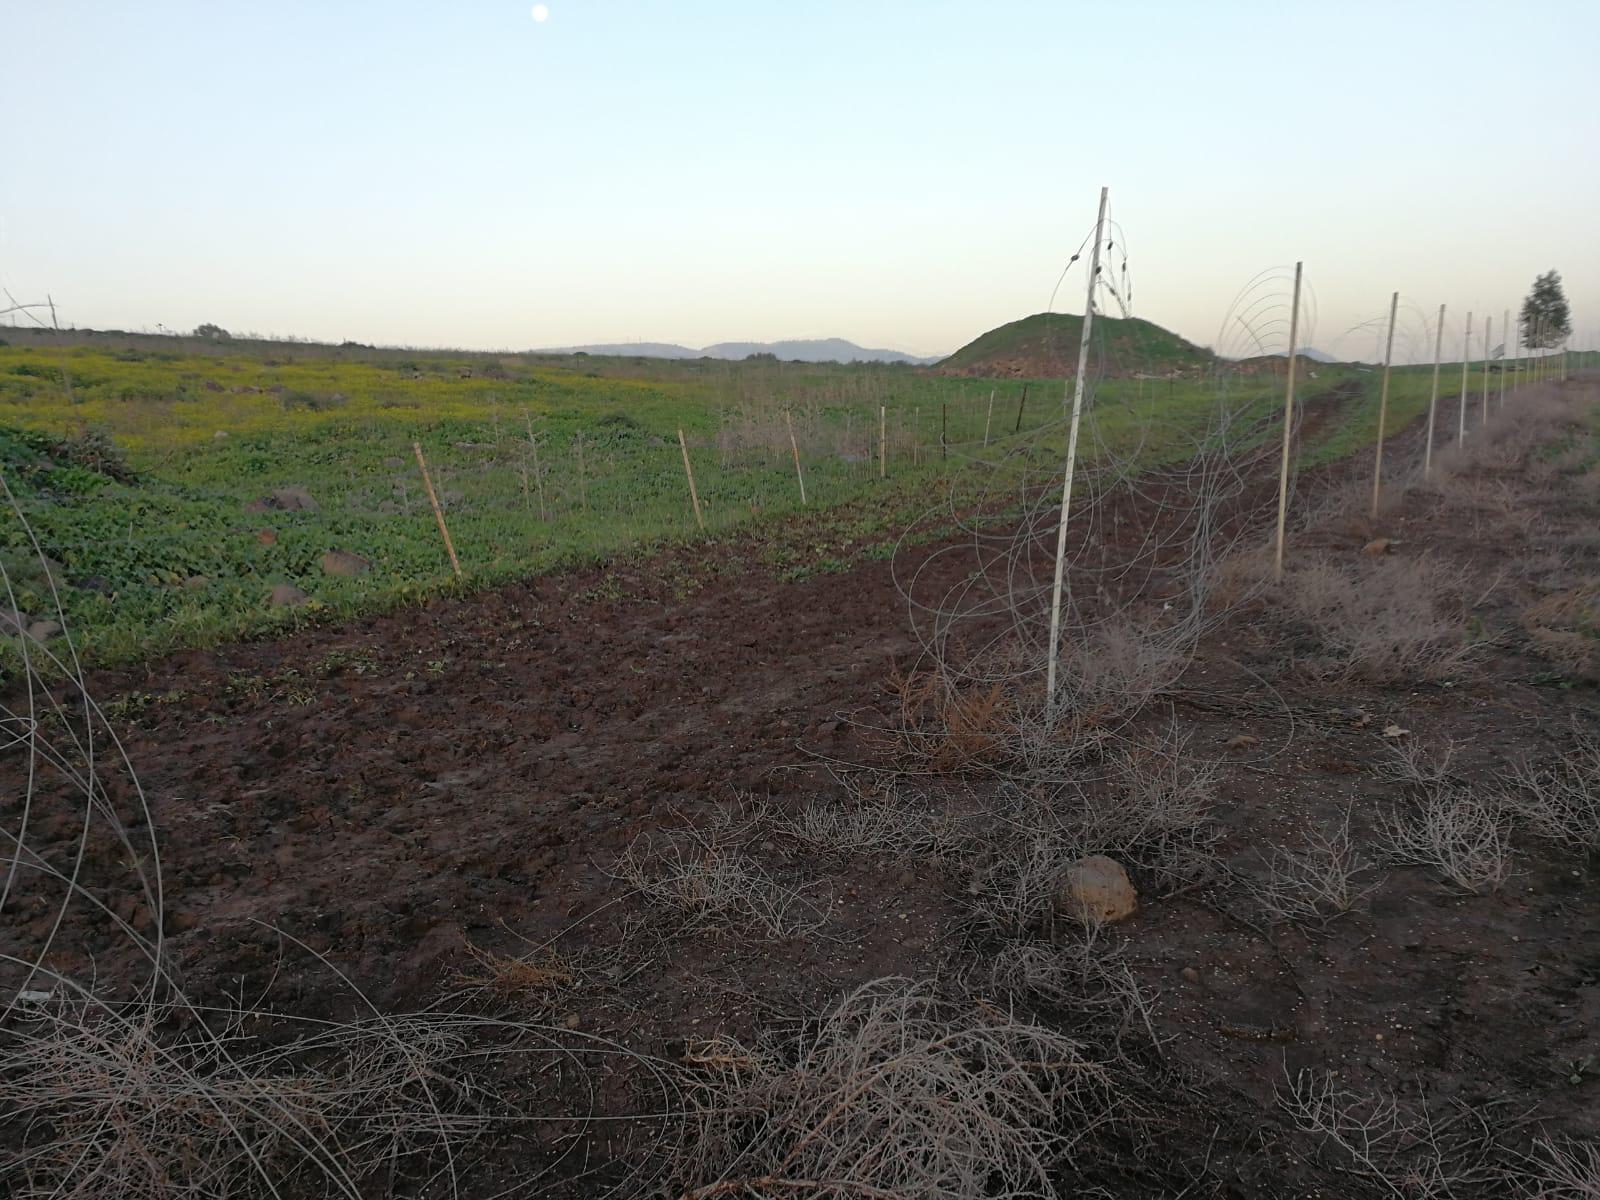 פשיעה חקלאית – בפעם השלישית בחודש האחרון